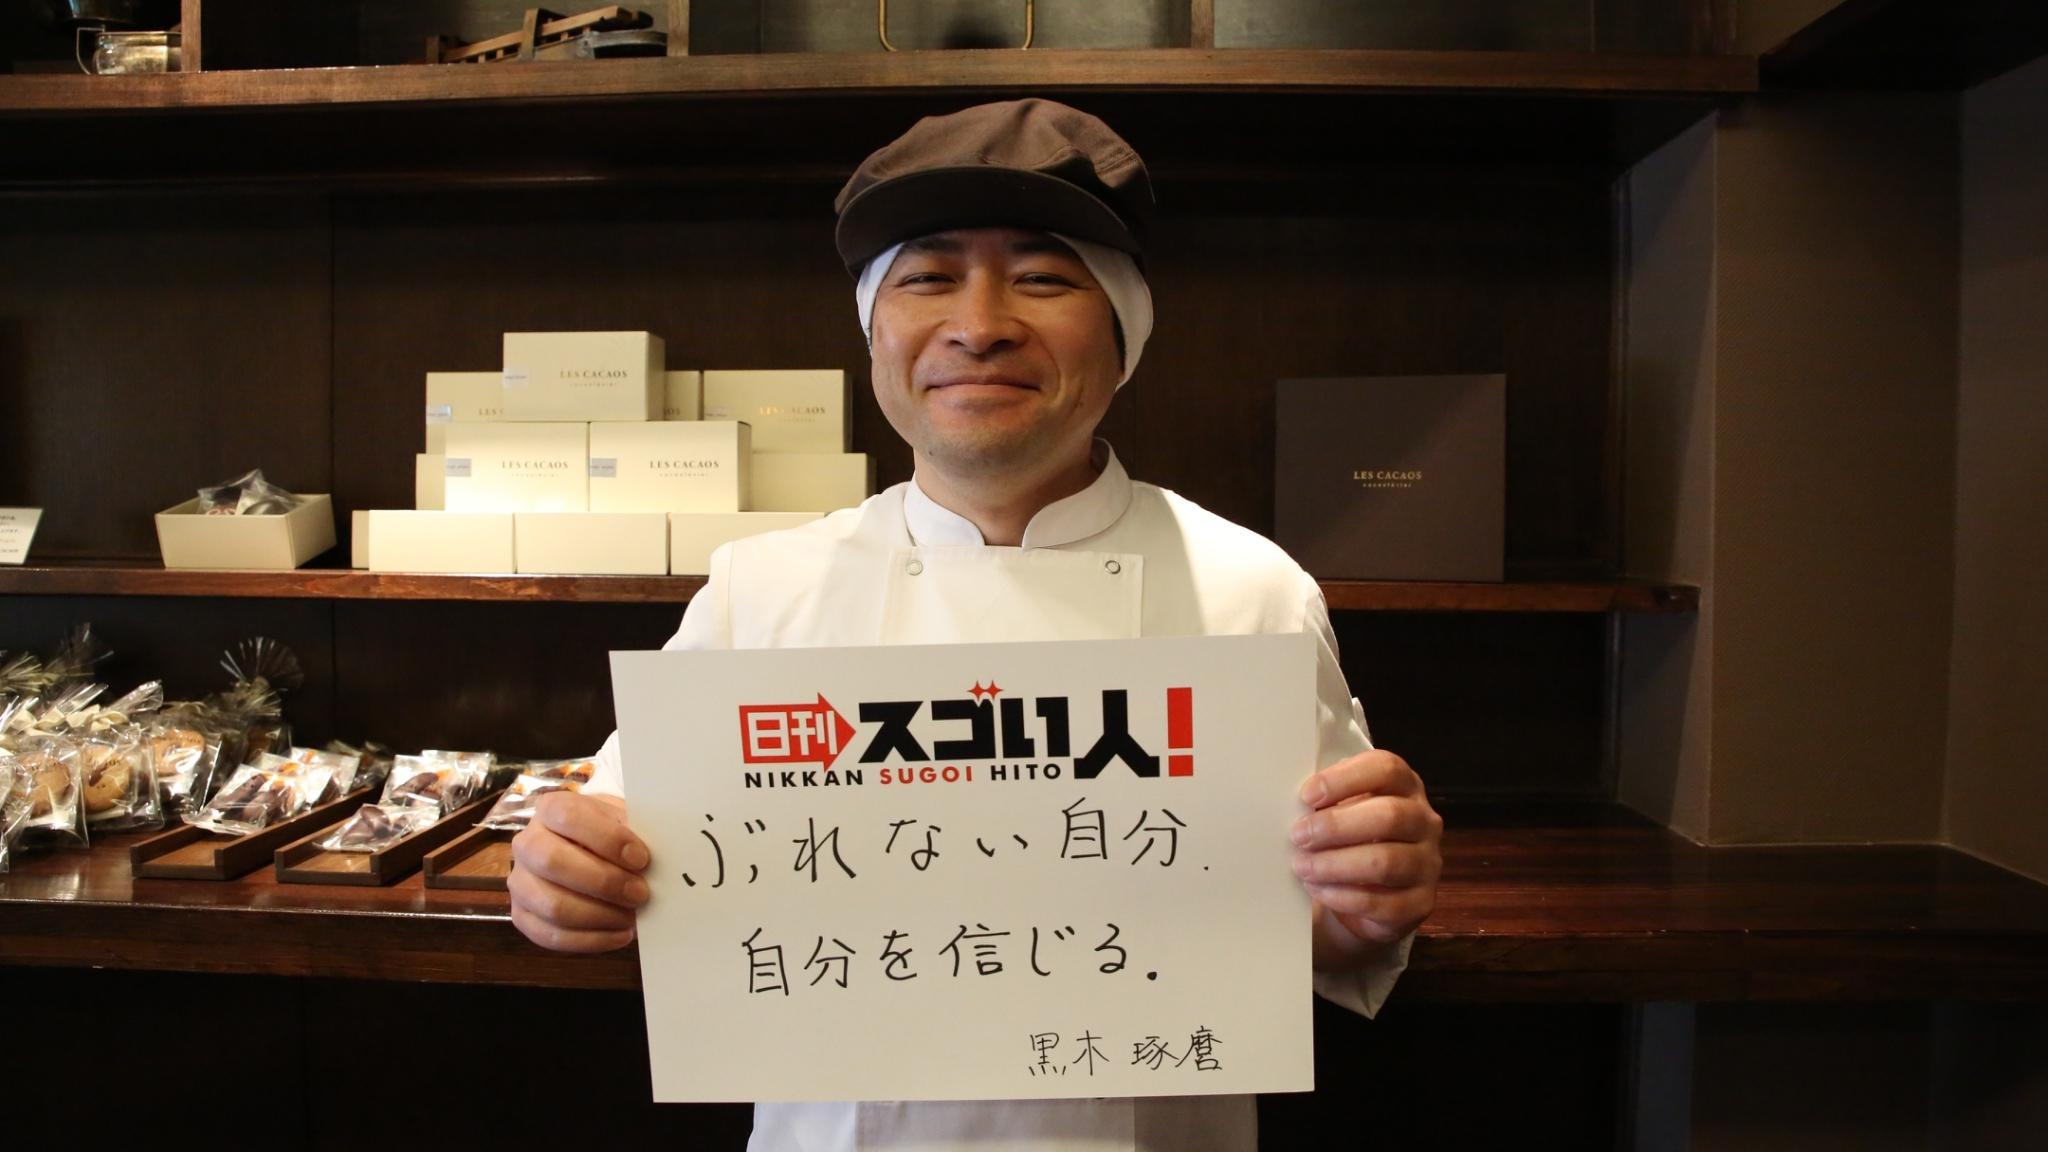 (日本語) カカオ豆から作る本物チョコレートの美味しさを広めるスゴい人!DAY2▶黒木琢磨様